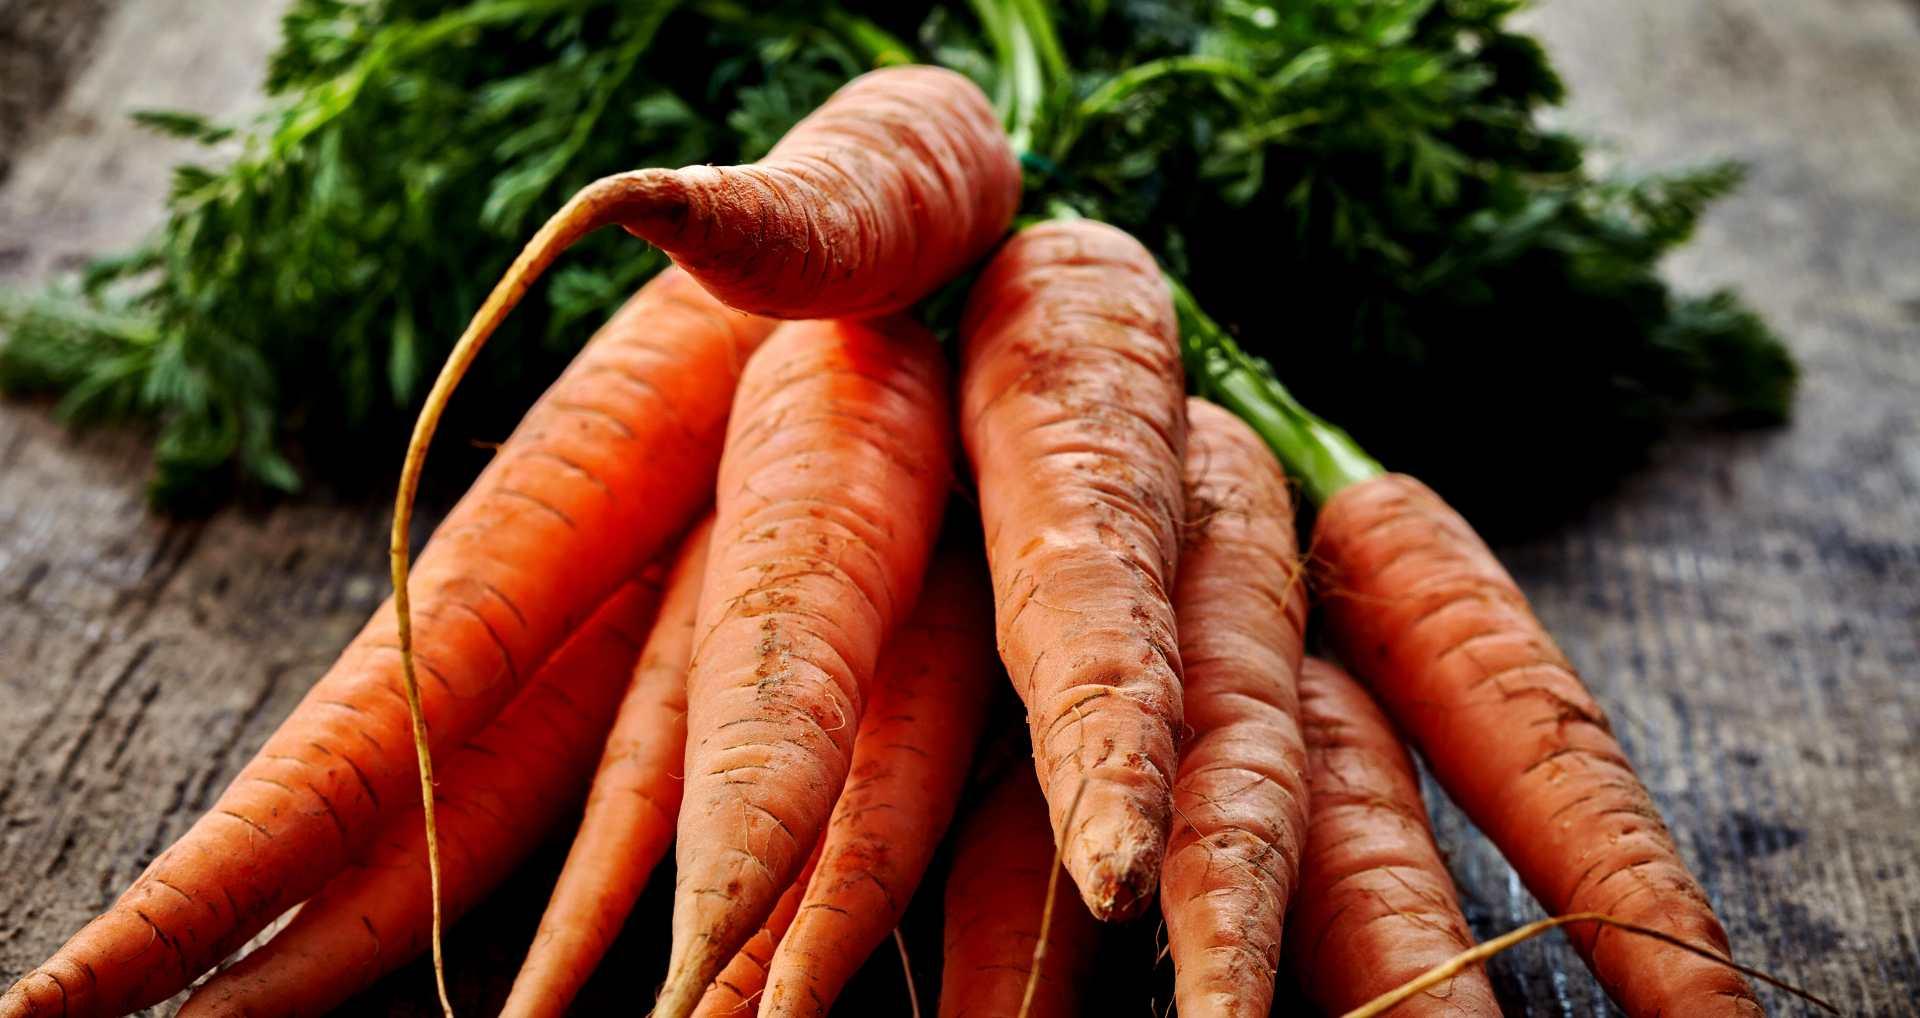 La carotte : un légume vitaminé avec de nombreux bienfaits